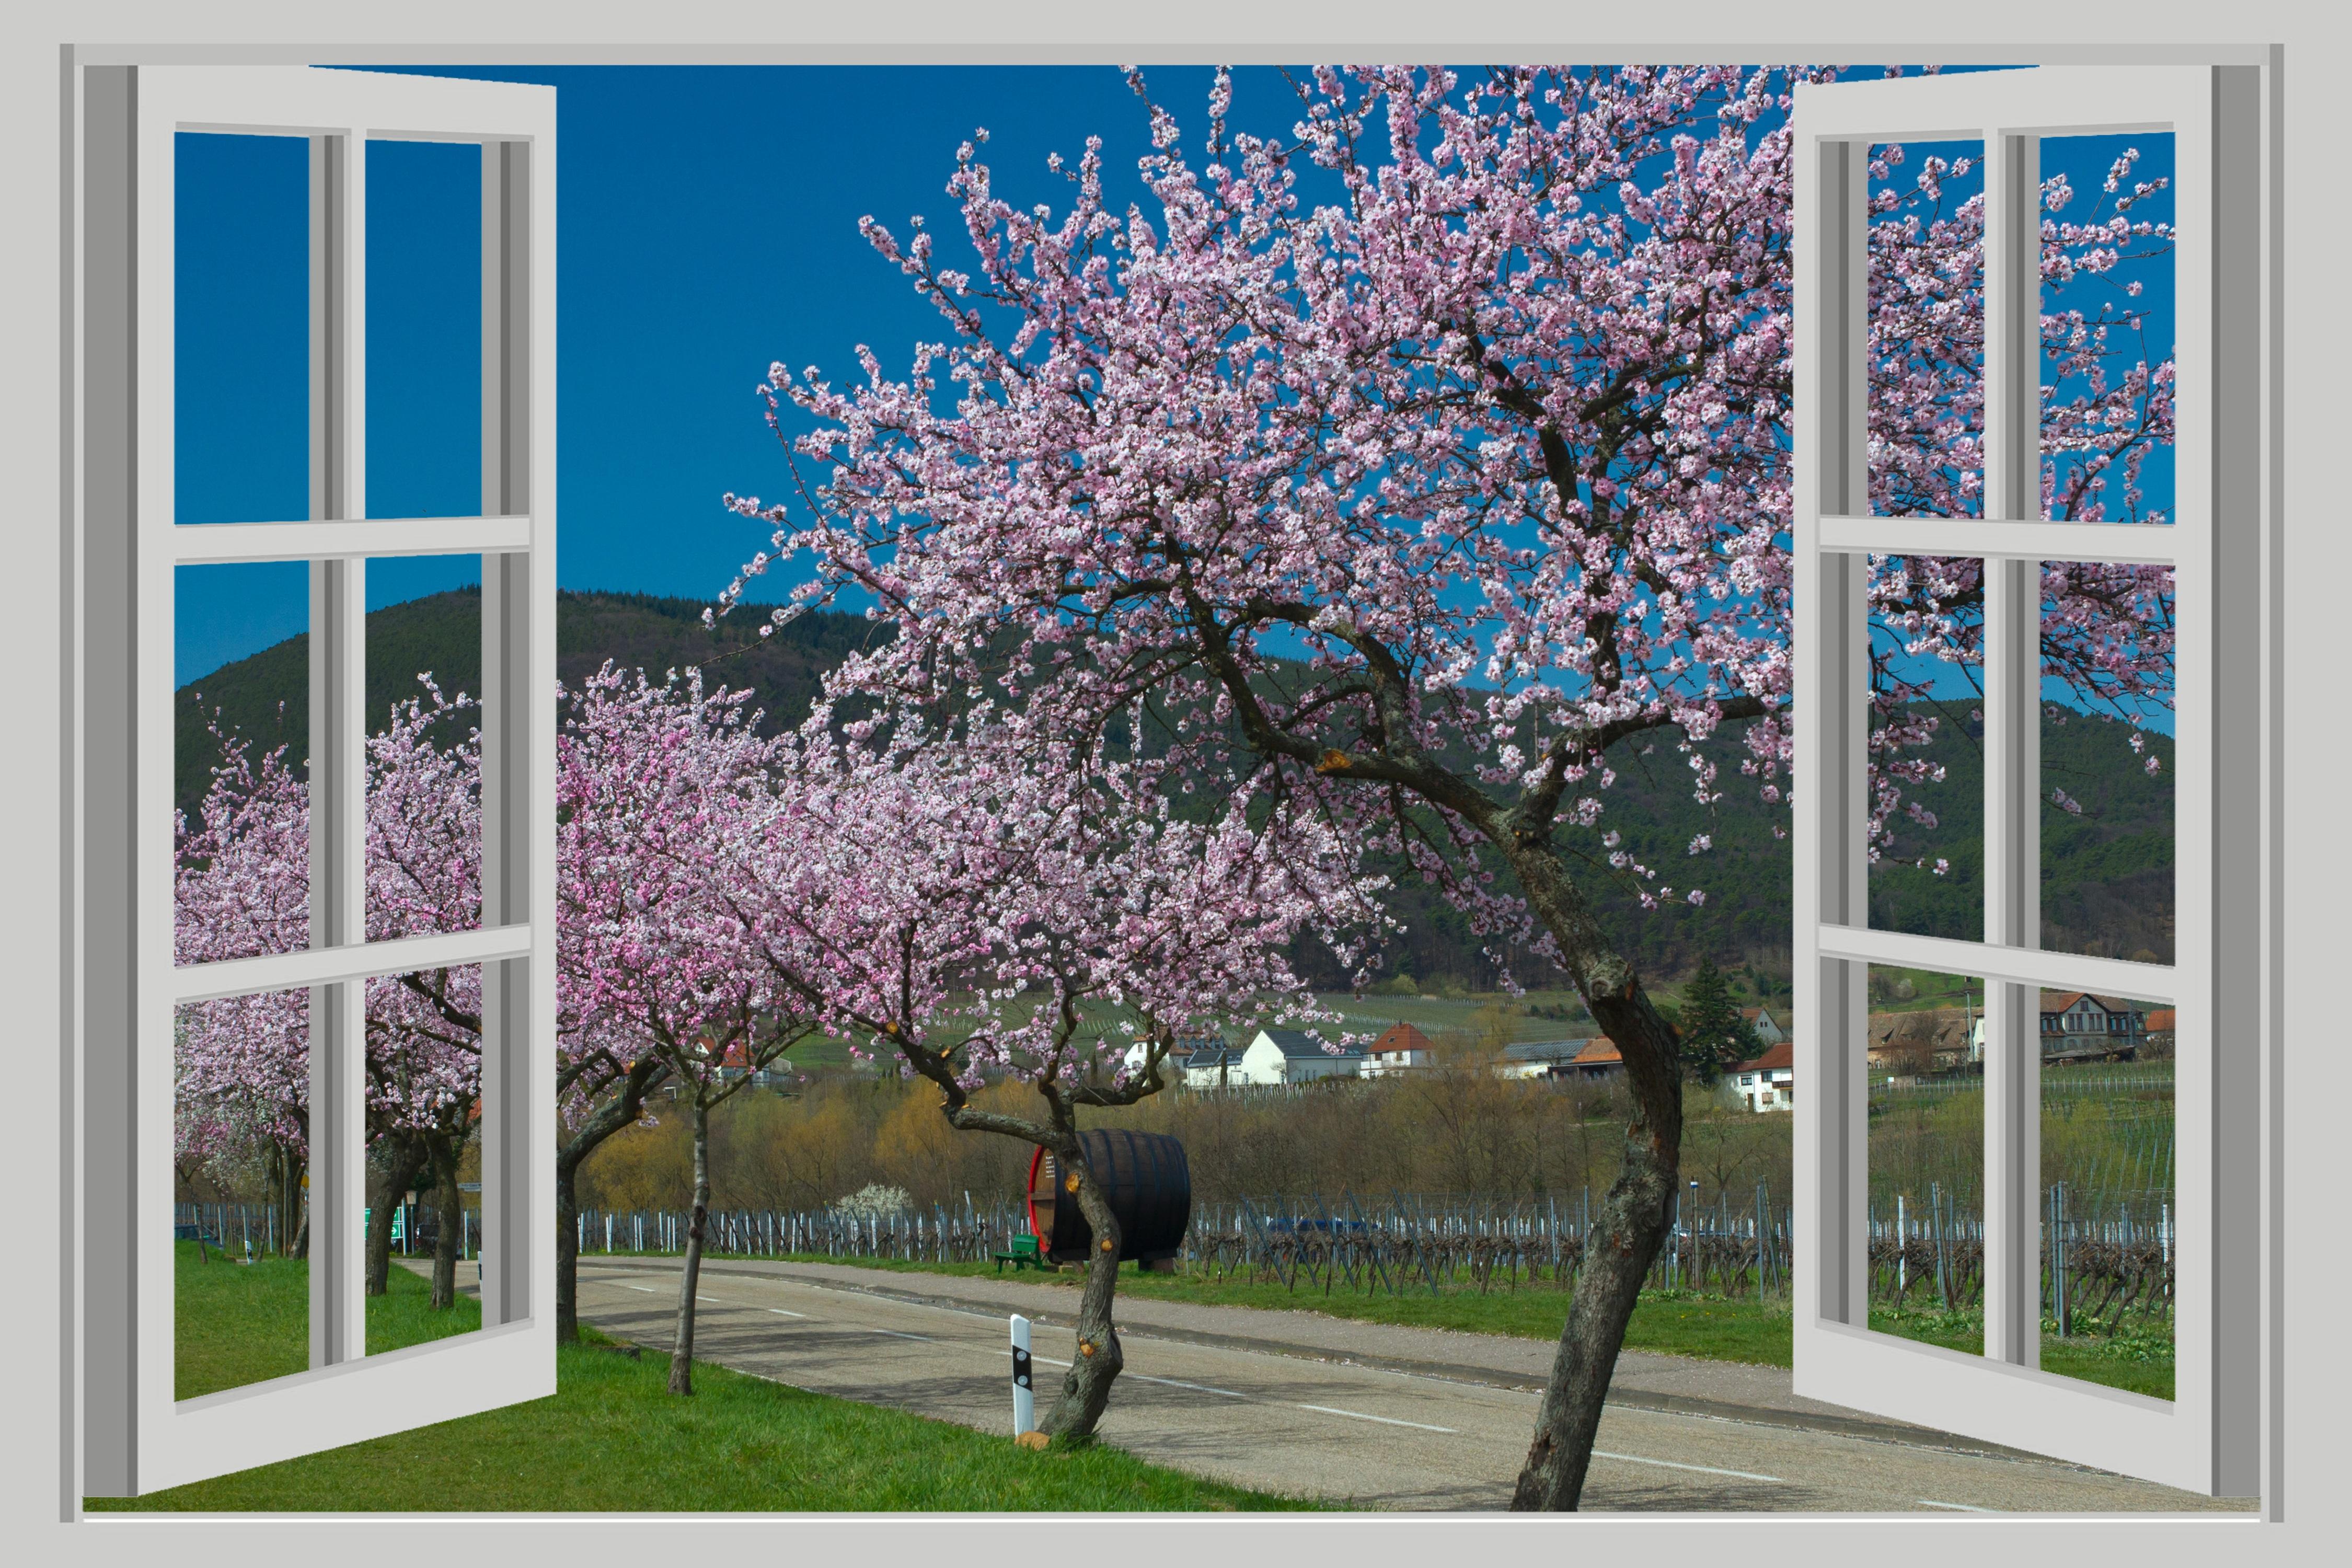 экран, фотообои вид из окна на цветущую вишню просто привожу